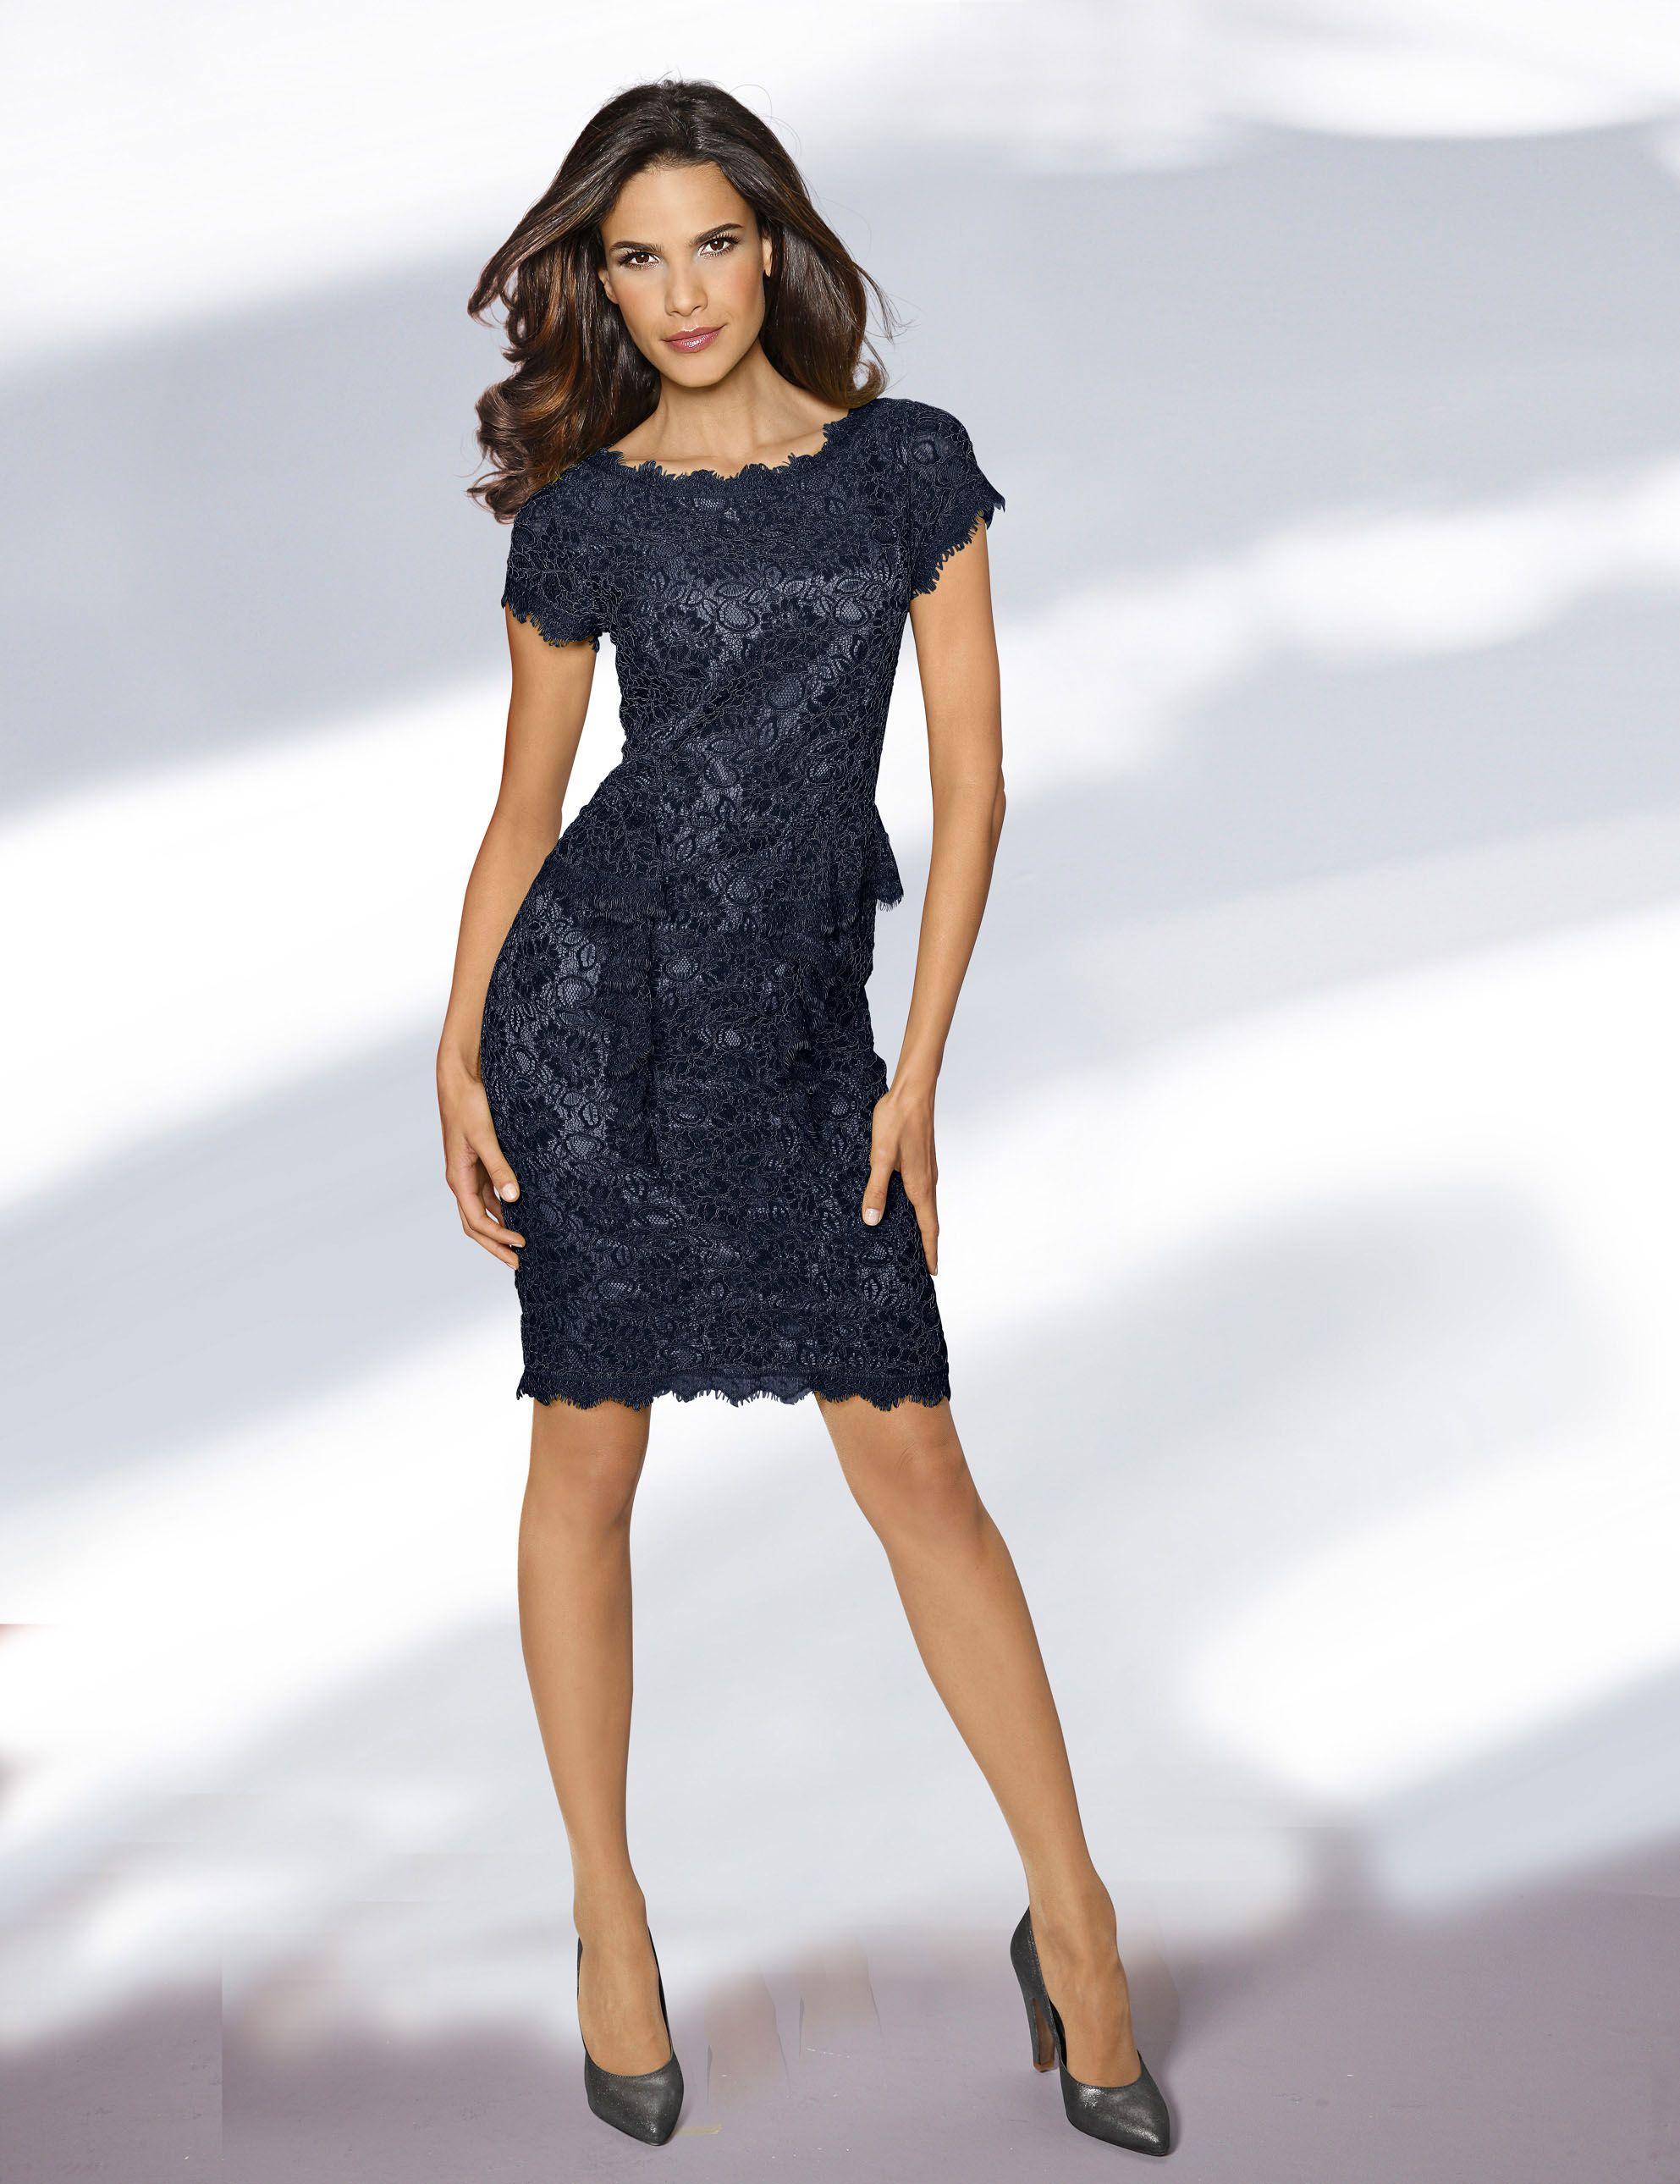 Blaues Spitzenkleid mit kurzen Ärmeln. | kleider | Pinterest | Moda